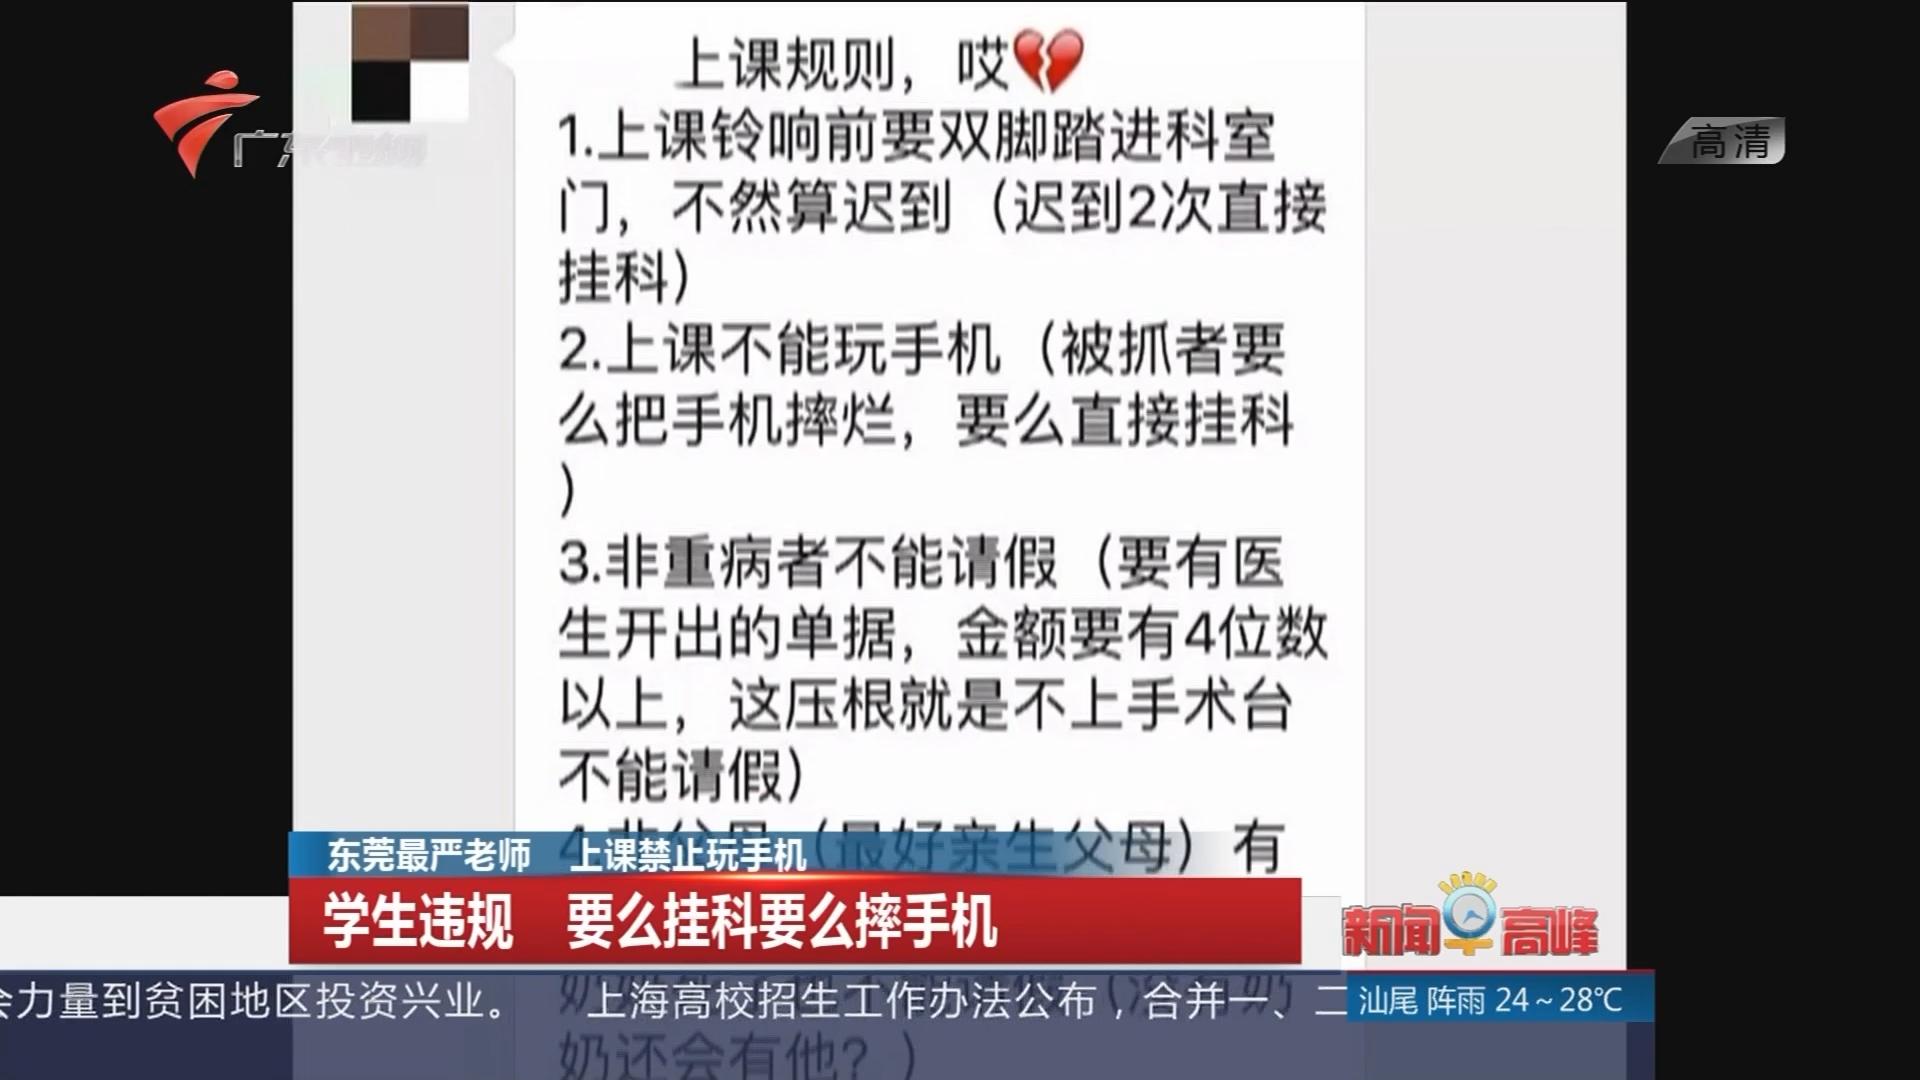 东莞最严老师 上课禁止玩手机:学生违规 要么挂科要么摔手机